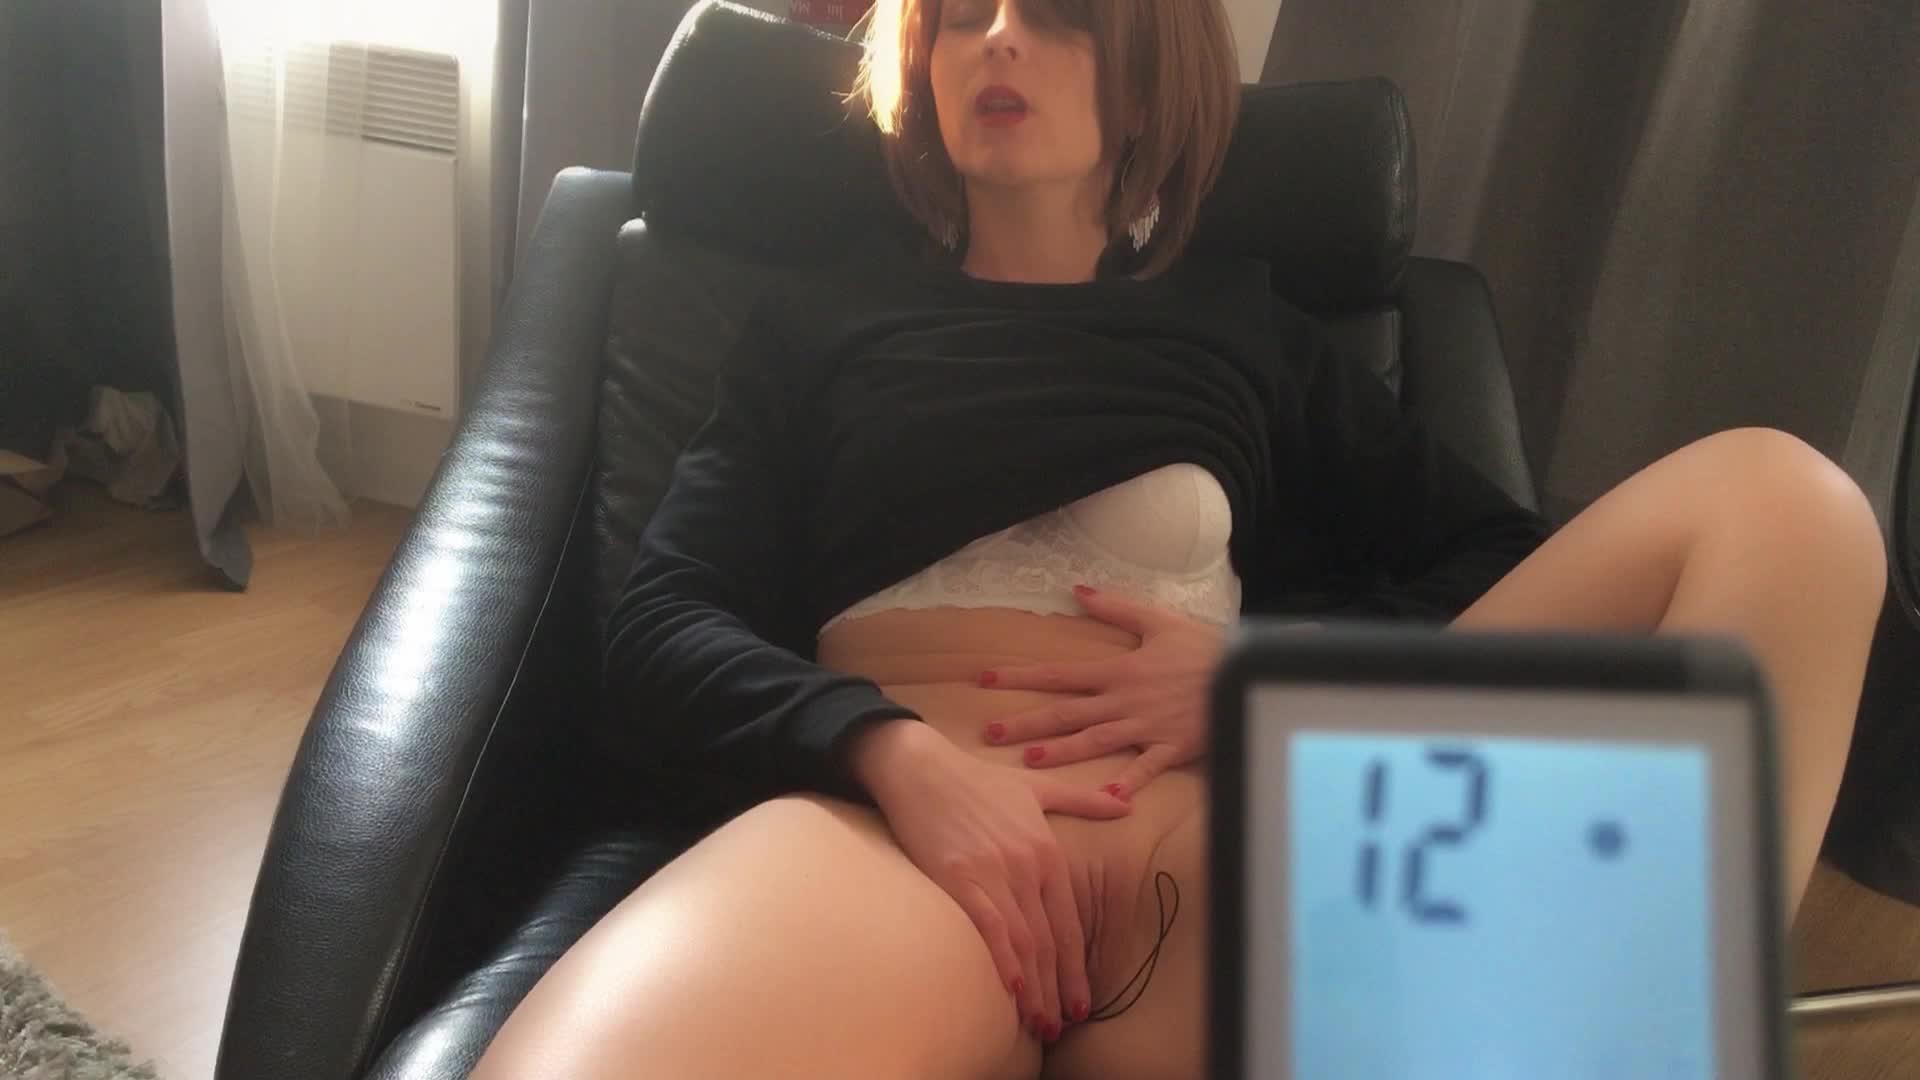 LadyOulala'd vid